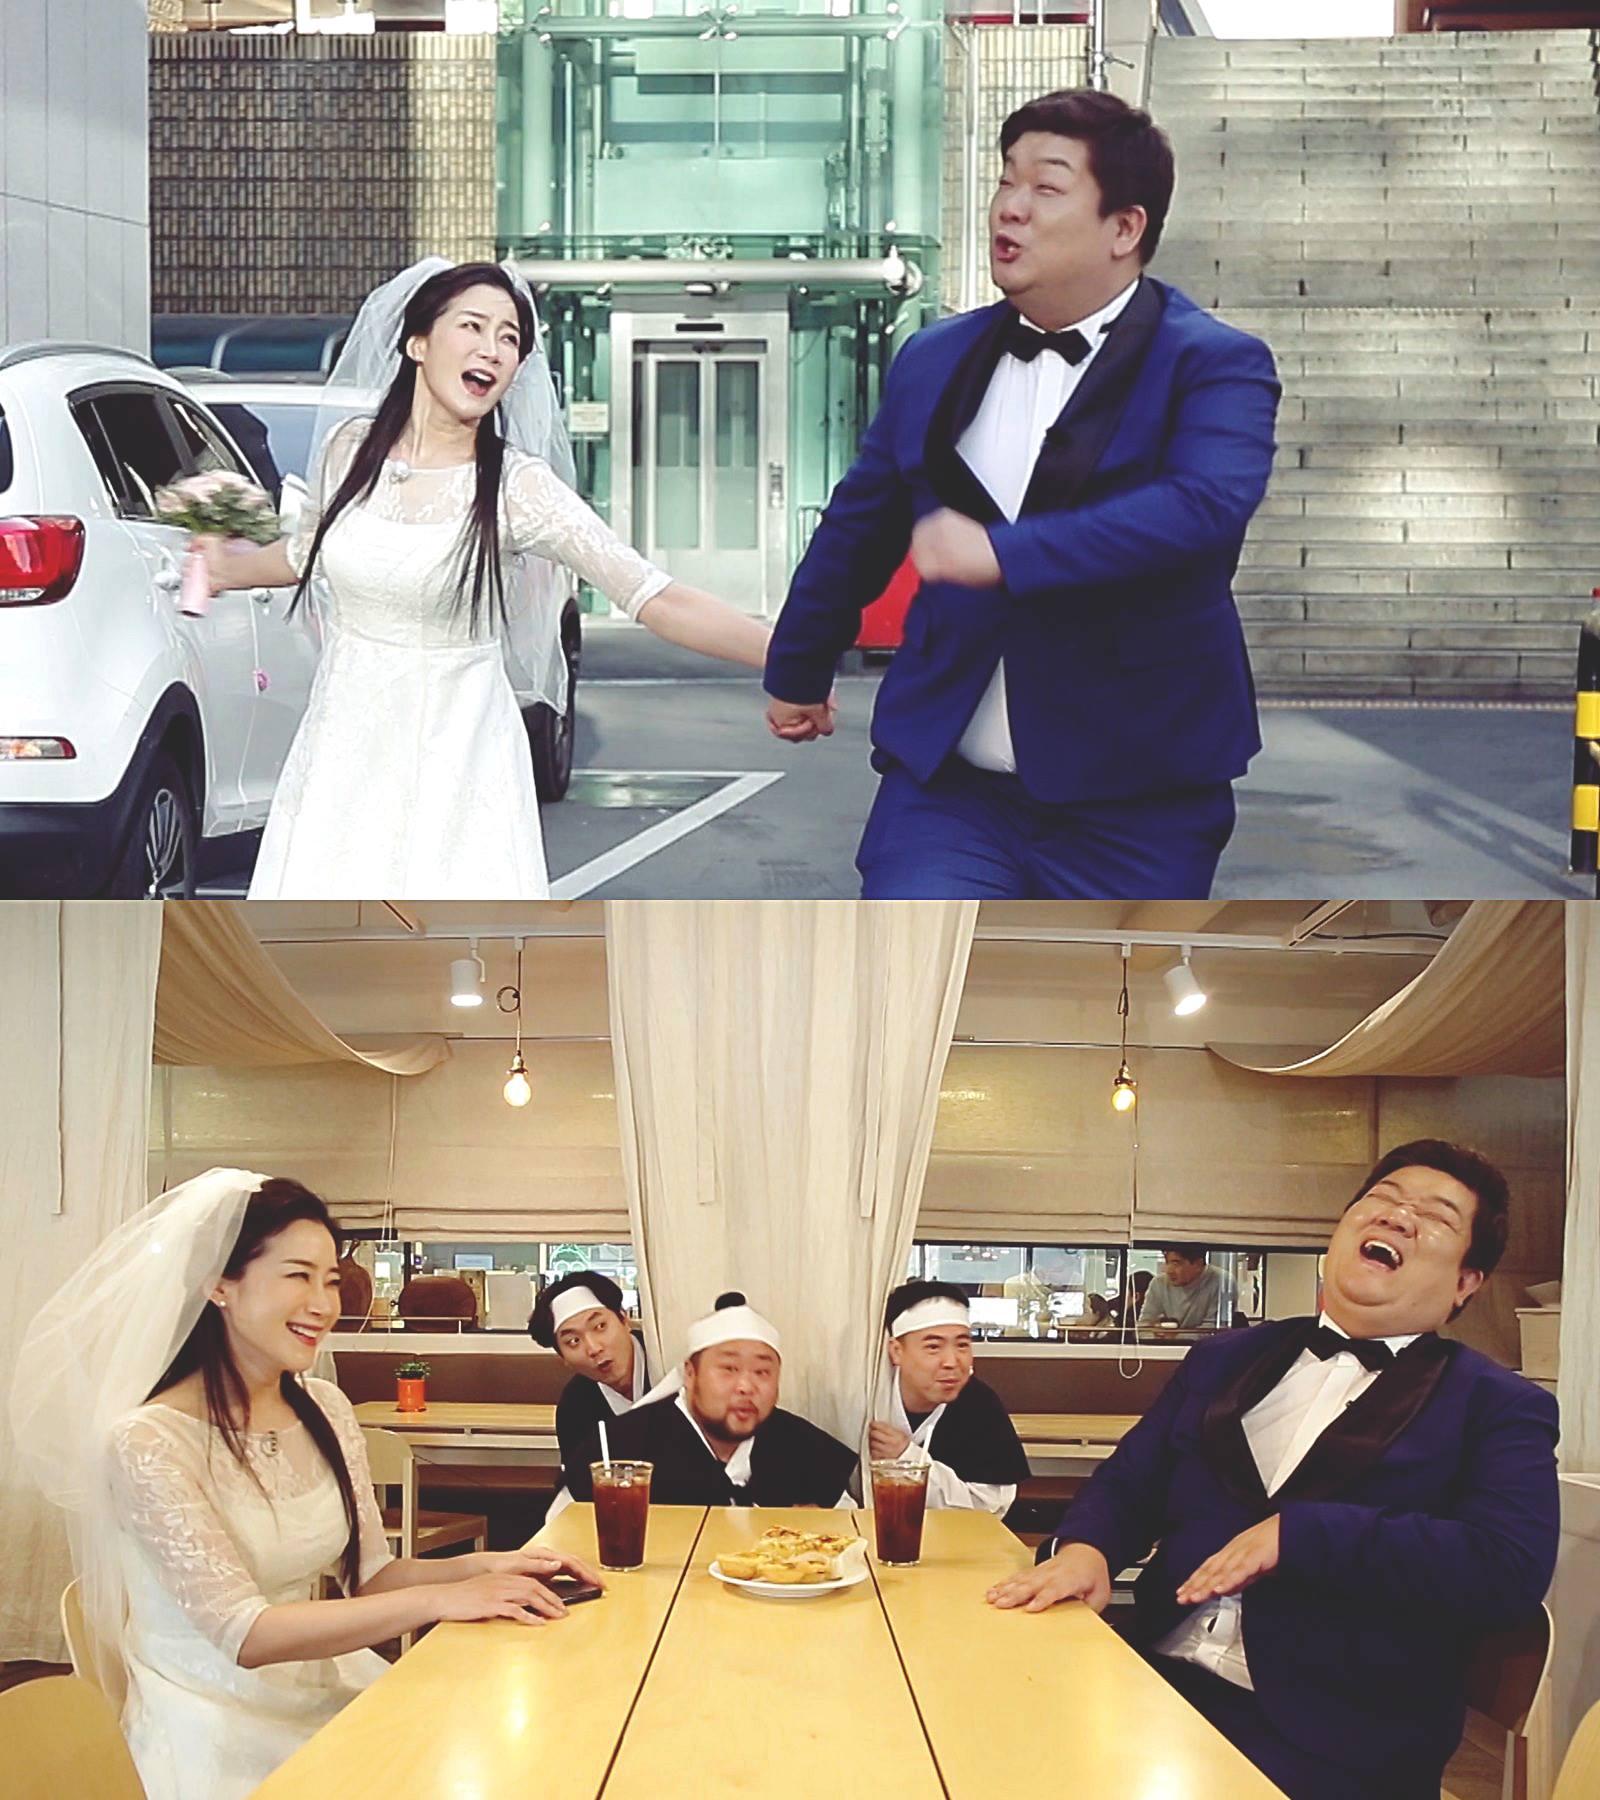 '개콘' 유민상♥김하영, 웨딩화보 촬영→반전 비하인드는?